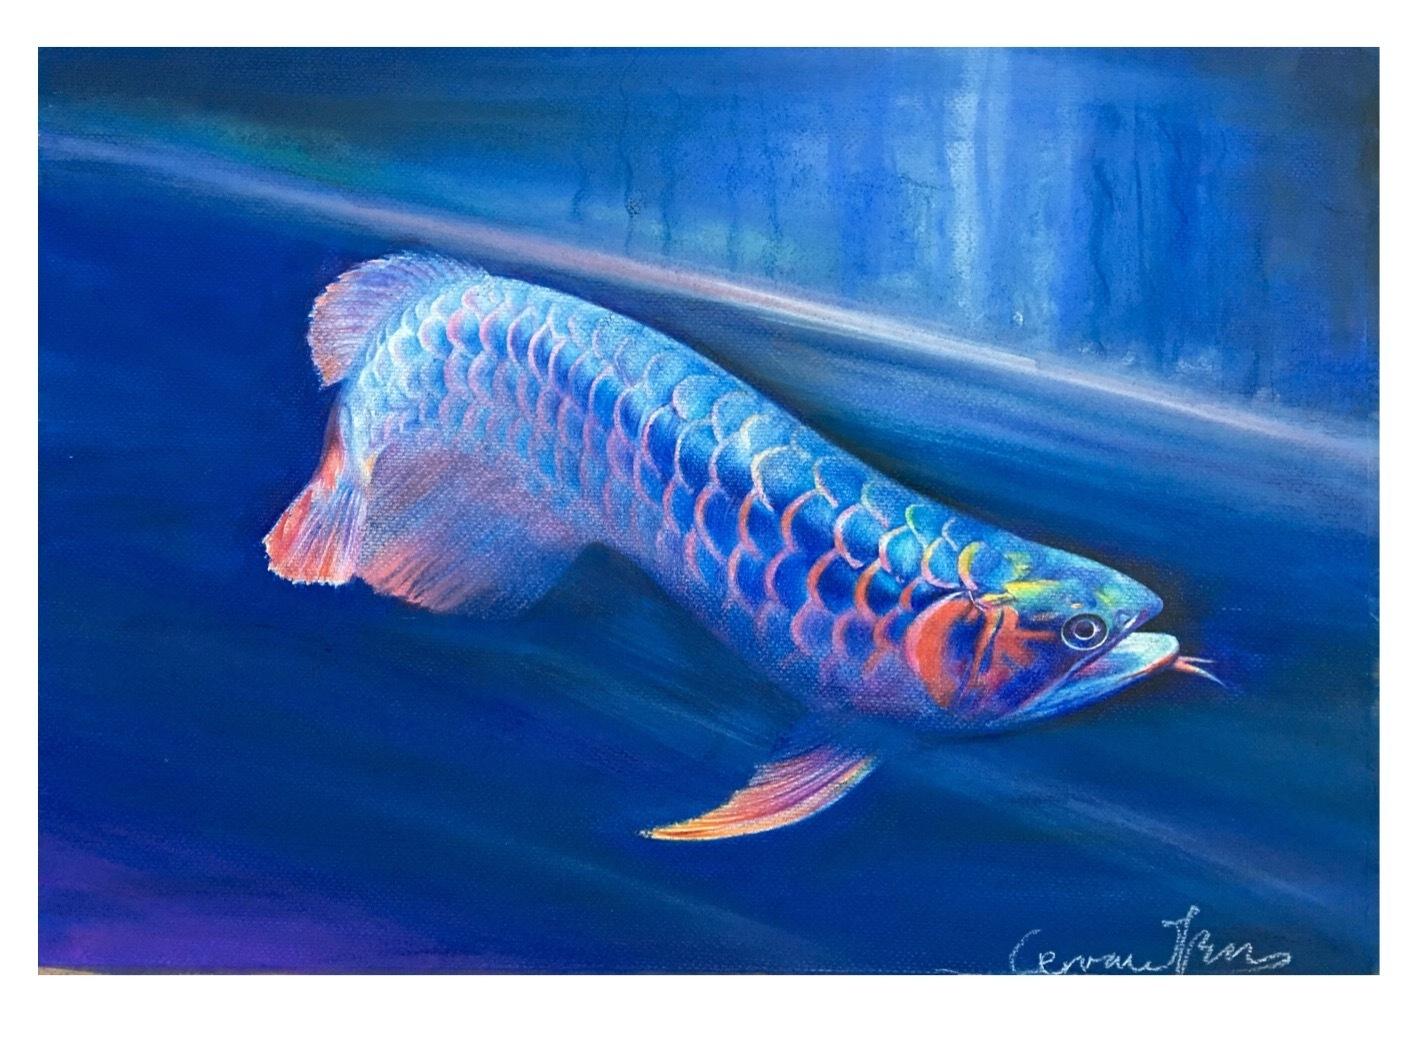 龙鱼简单又漂亮手绘